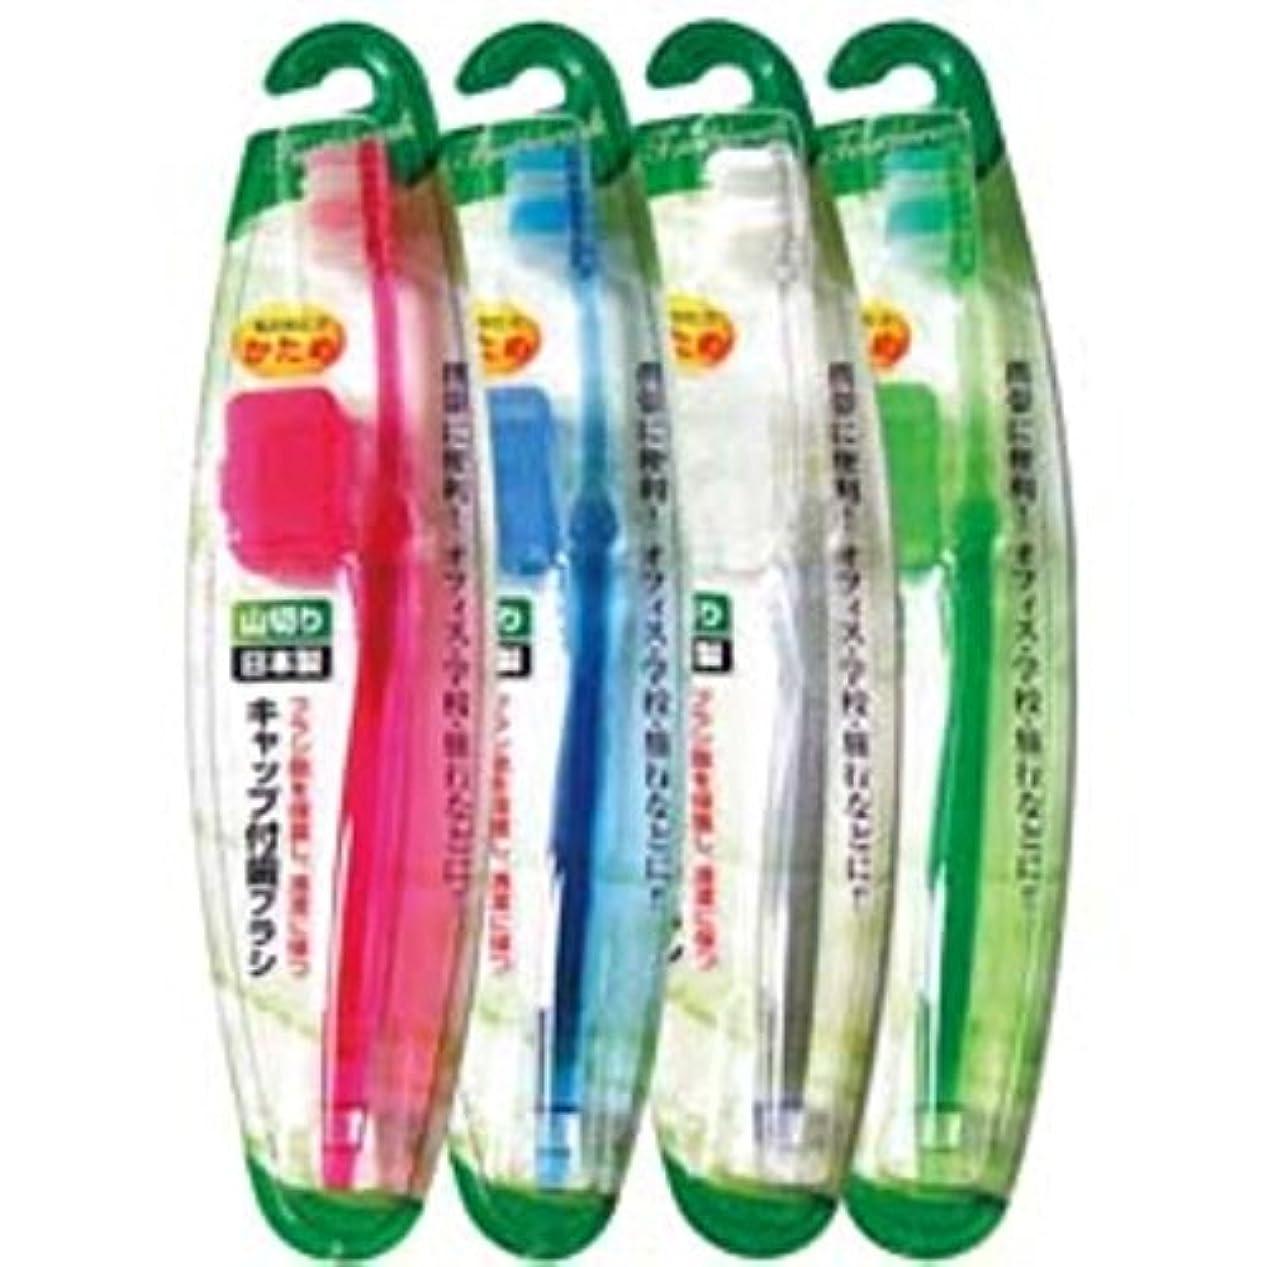 役立つ代数的開示するキャップ付歯ブラシ山切りカット(かため)日本製 japan 【まとめ買い12個セット】 41-210